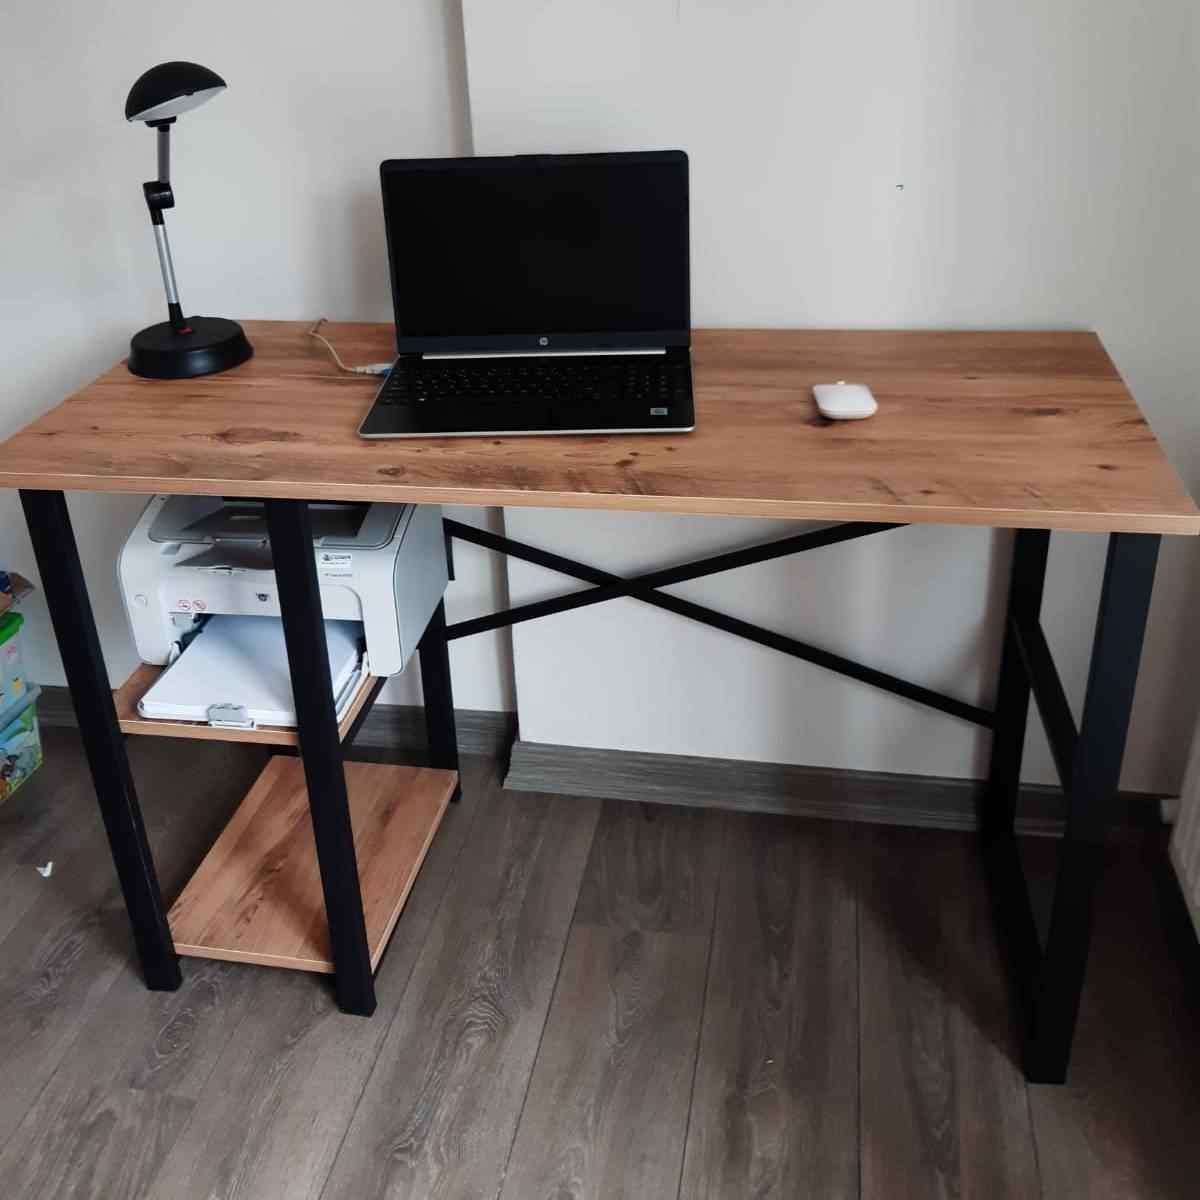 Yekta Raflı Çalışma Masası Ofis Bilgisayar Laptop Masası 50x120 cm